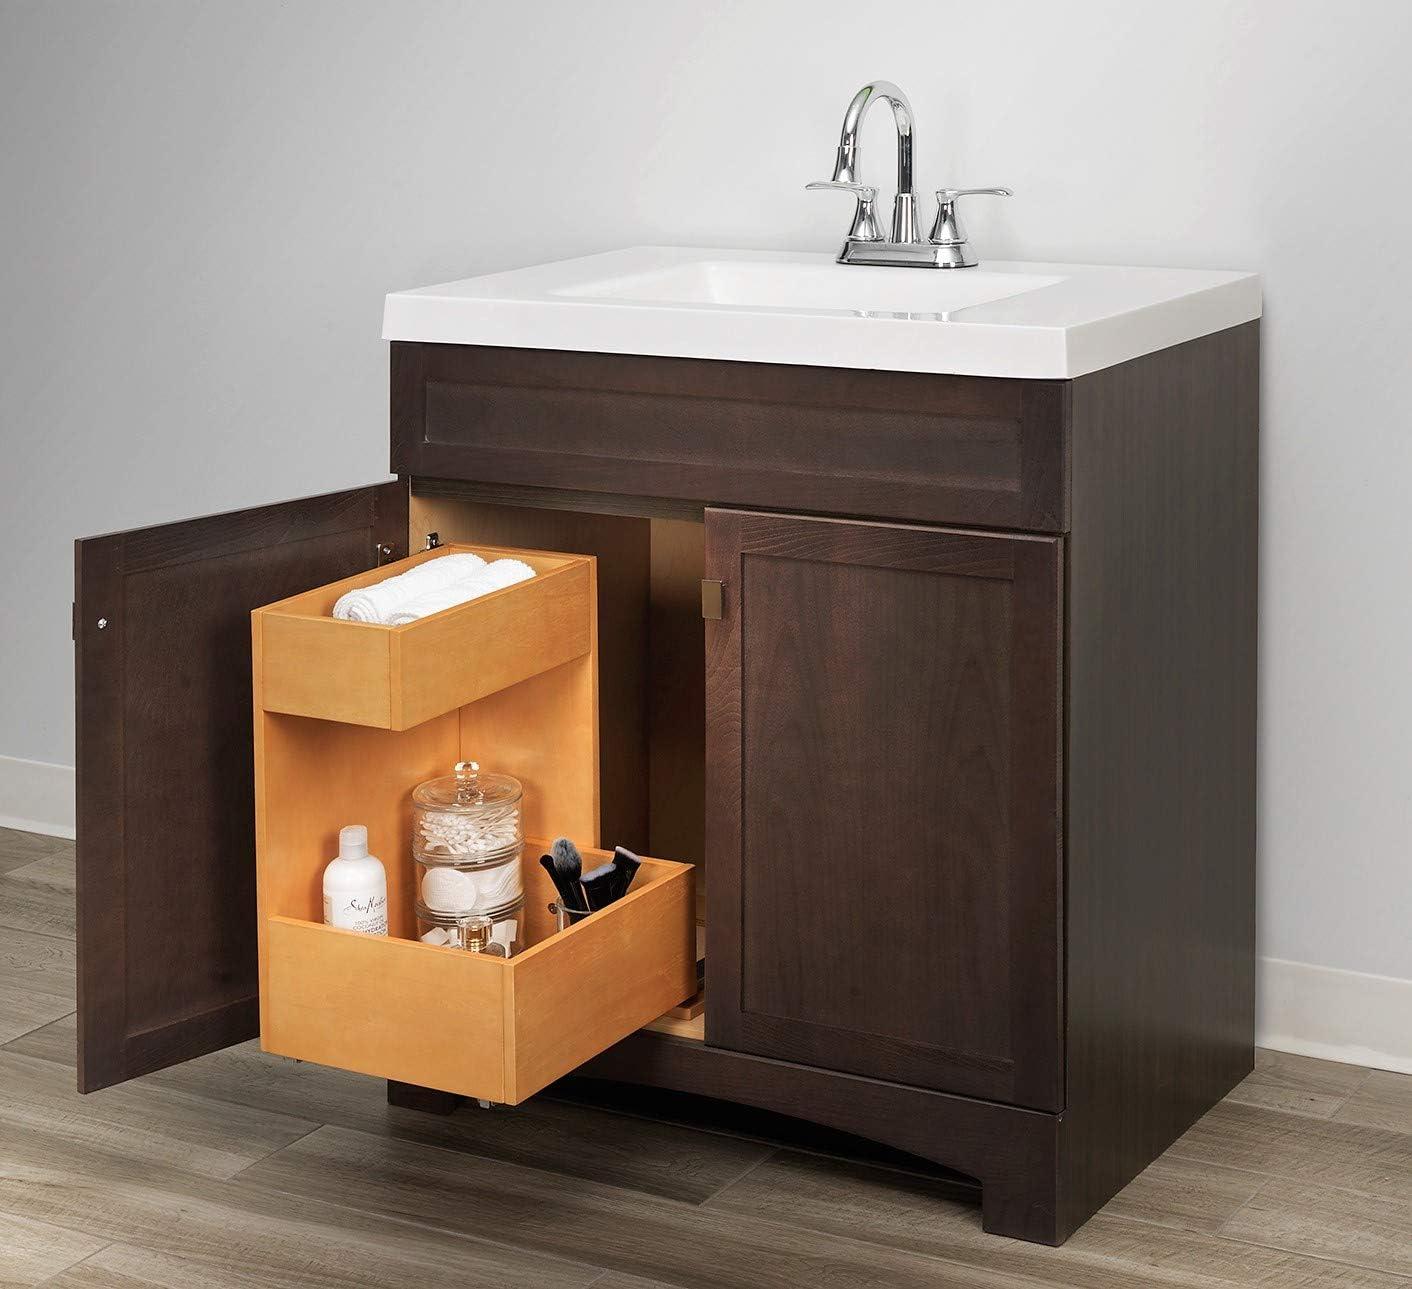 Amazon Com Homewerks Worldwide Ripvanshelf2 Slide Out Storage Cabinet Under Sink Organizer 19 Inch 2 Tier Premium Wood Finish Home Improvement